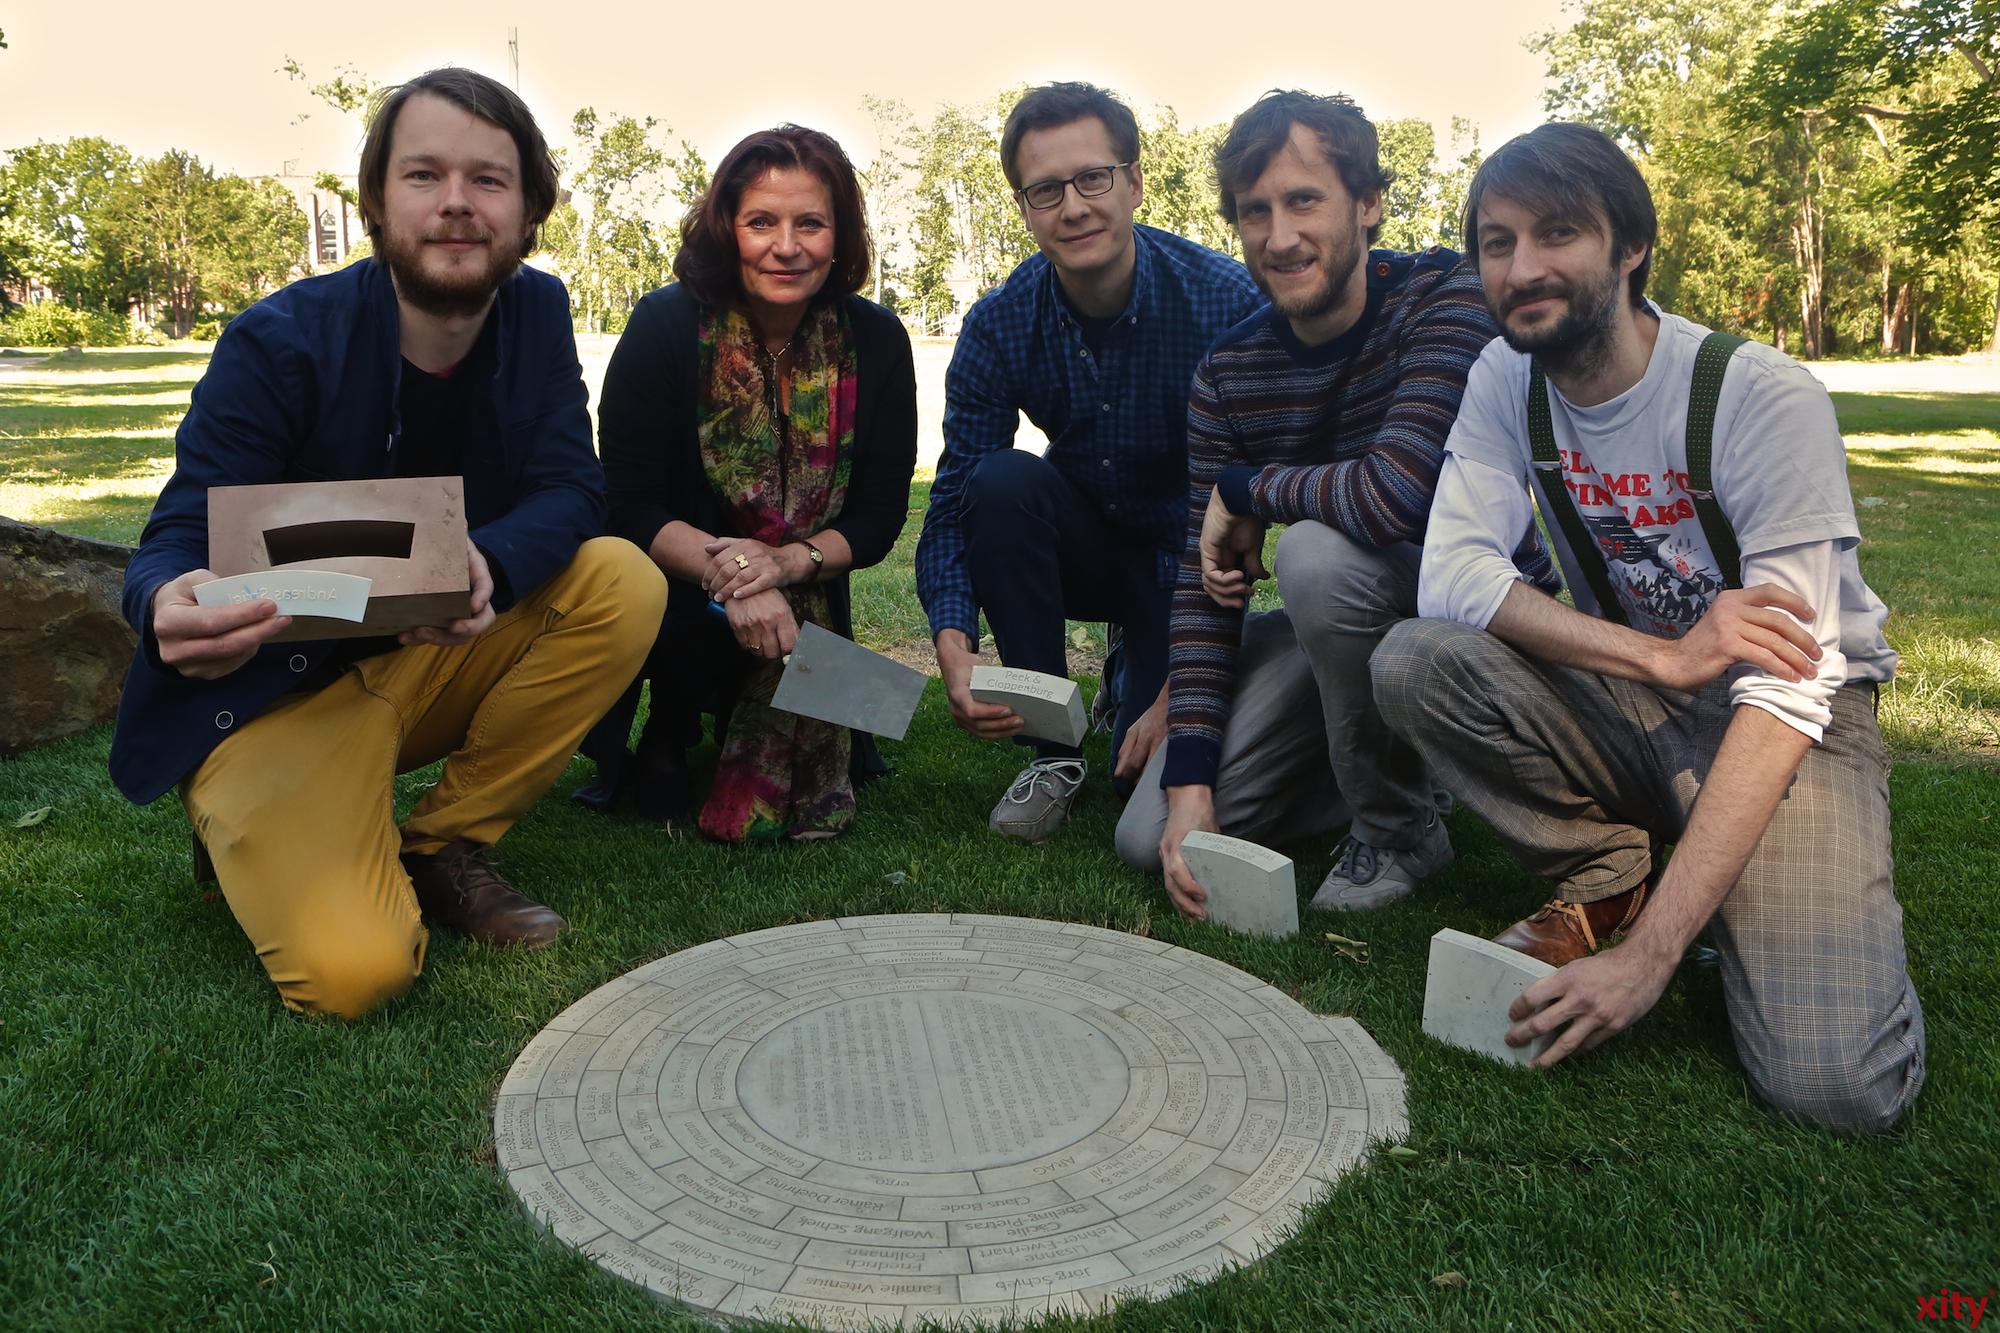 Helga Stulgies präsentierte das Denkmal gemeinsam mit den Entwicklern (Foto: xity)